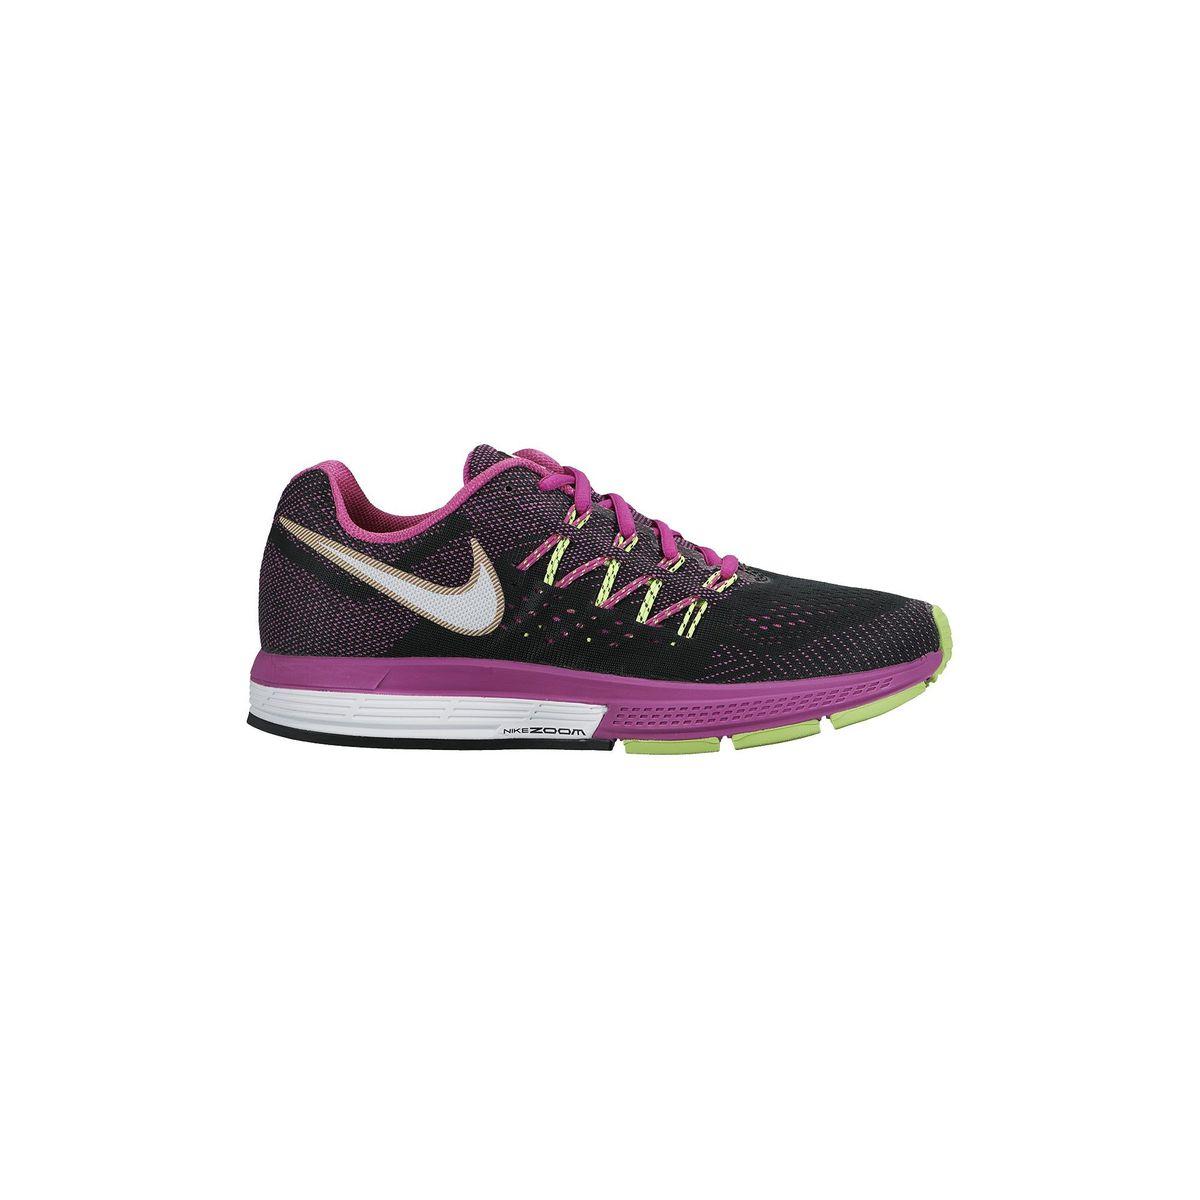 Nike Air Zoom Vomero 10 Women